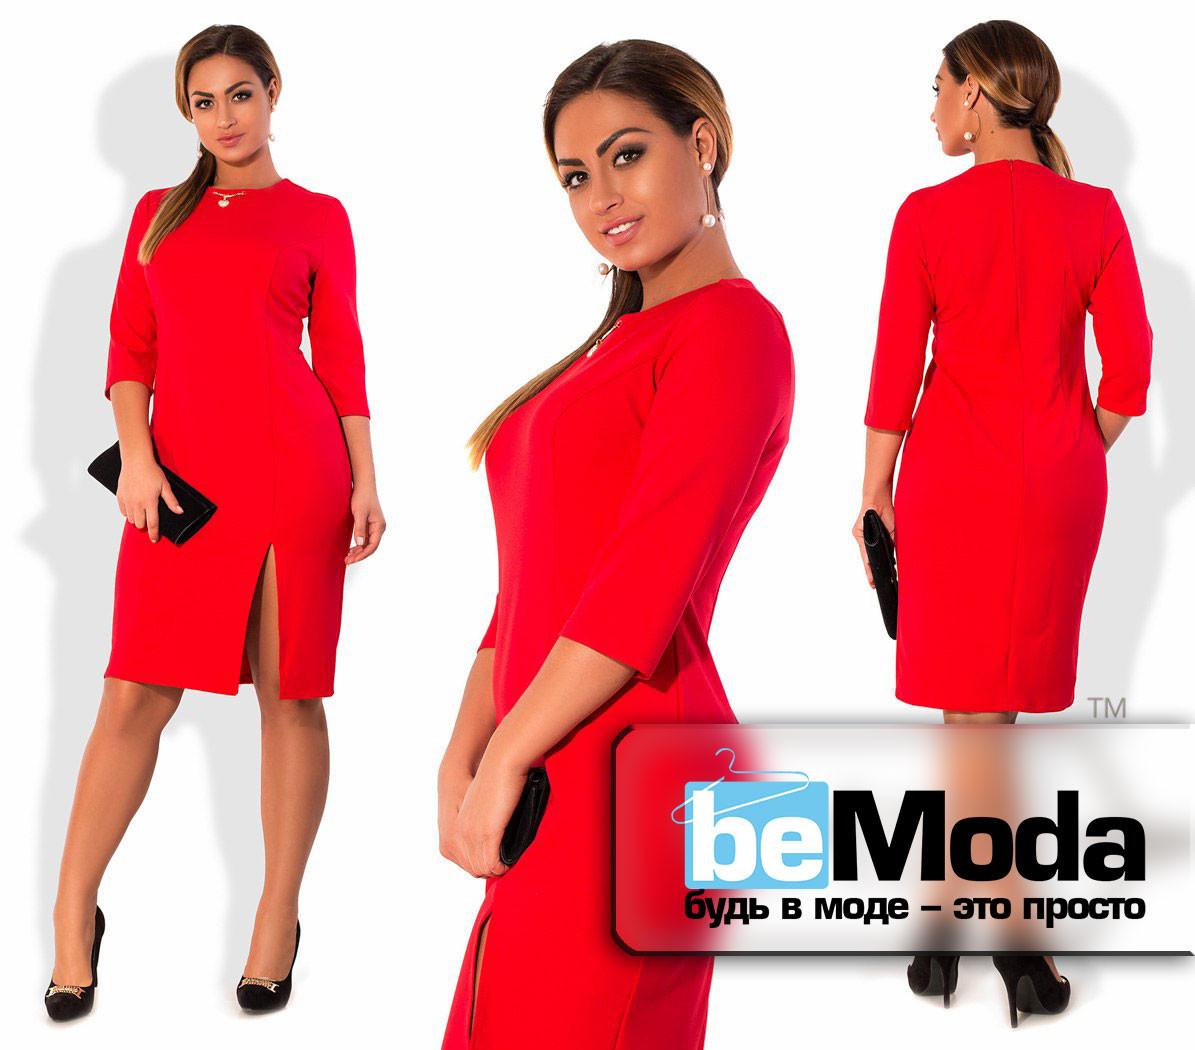 Стильне жіноче плаття для дівчат з пишними формами прямого крою з розрізом на боці червоне